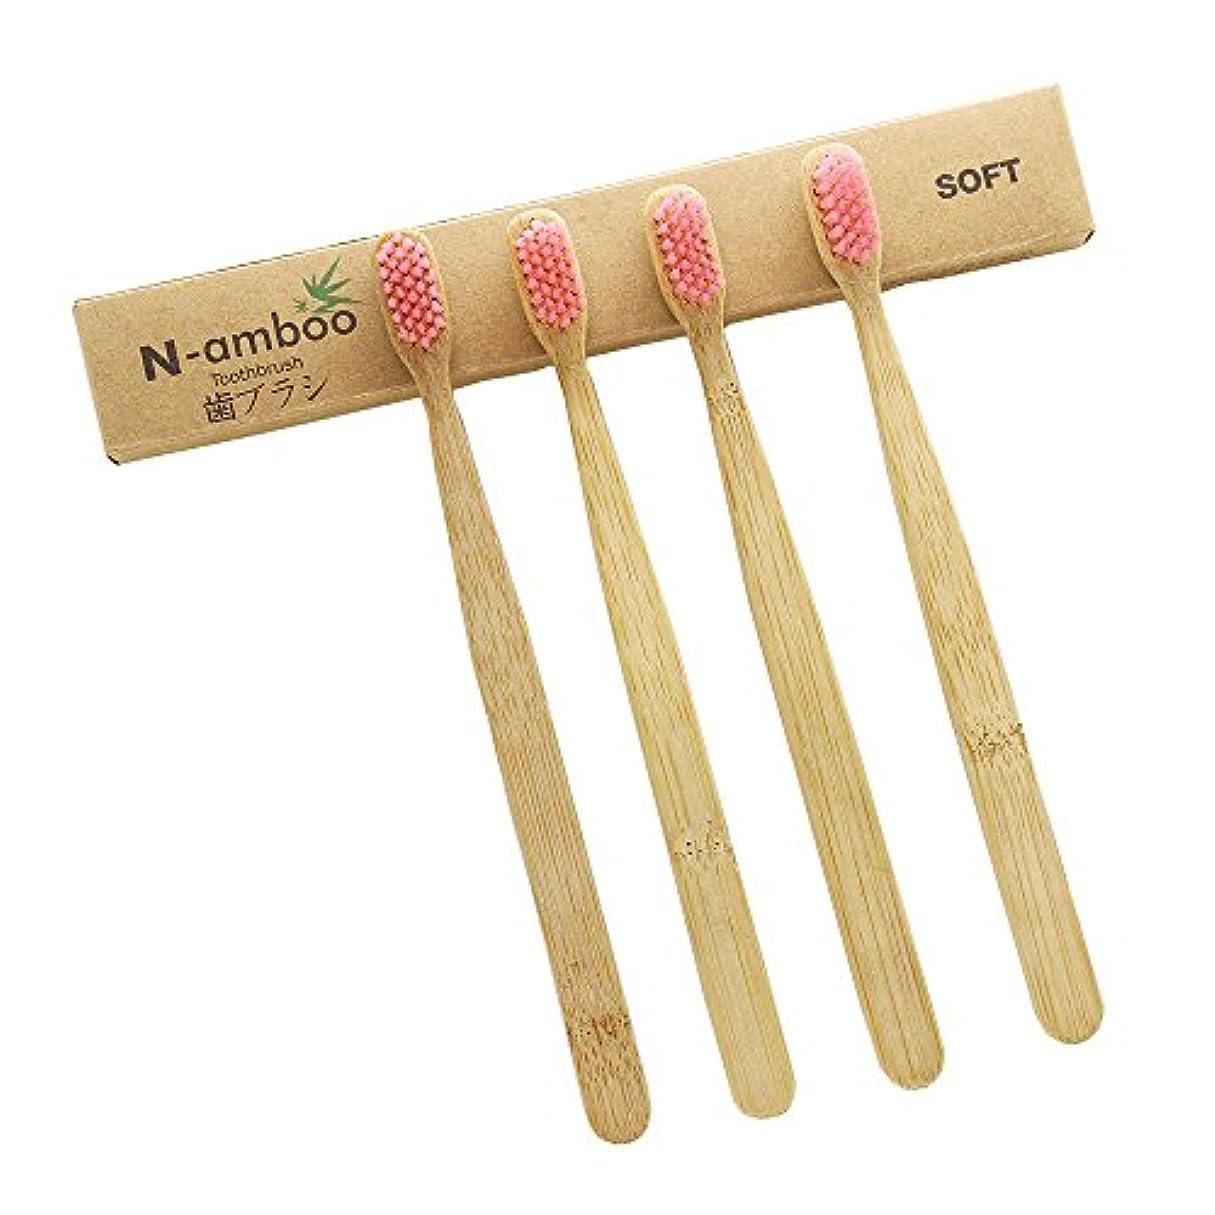 強制的傷跡恐れるN-amboo 竹製 歯ブラシ 高耐久性 ピンク エコ 色あざやか (4本)